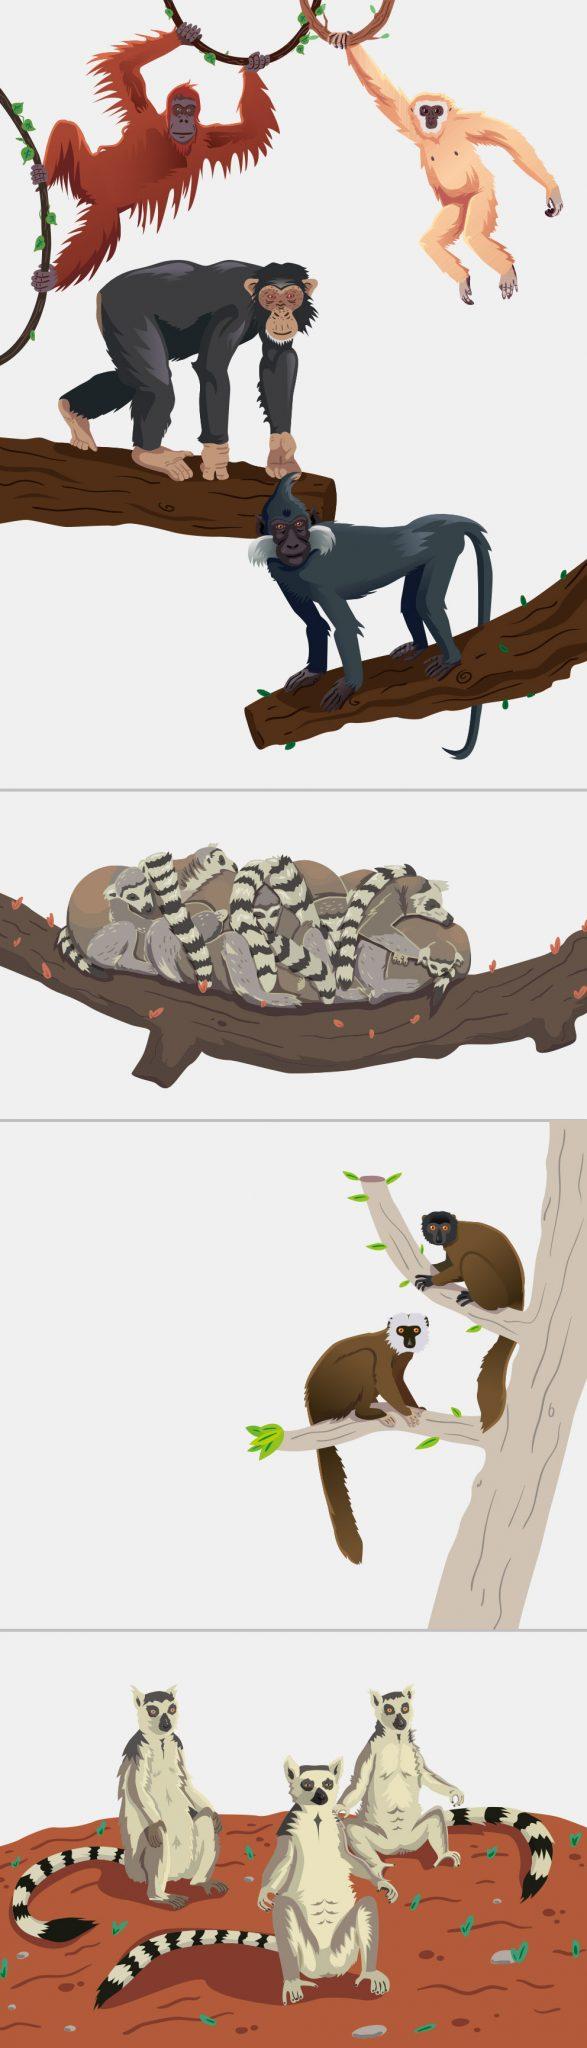 Ilustraciones animales vectoriales para riosafari